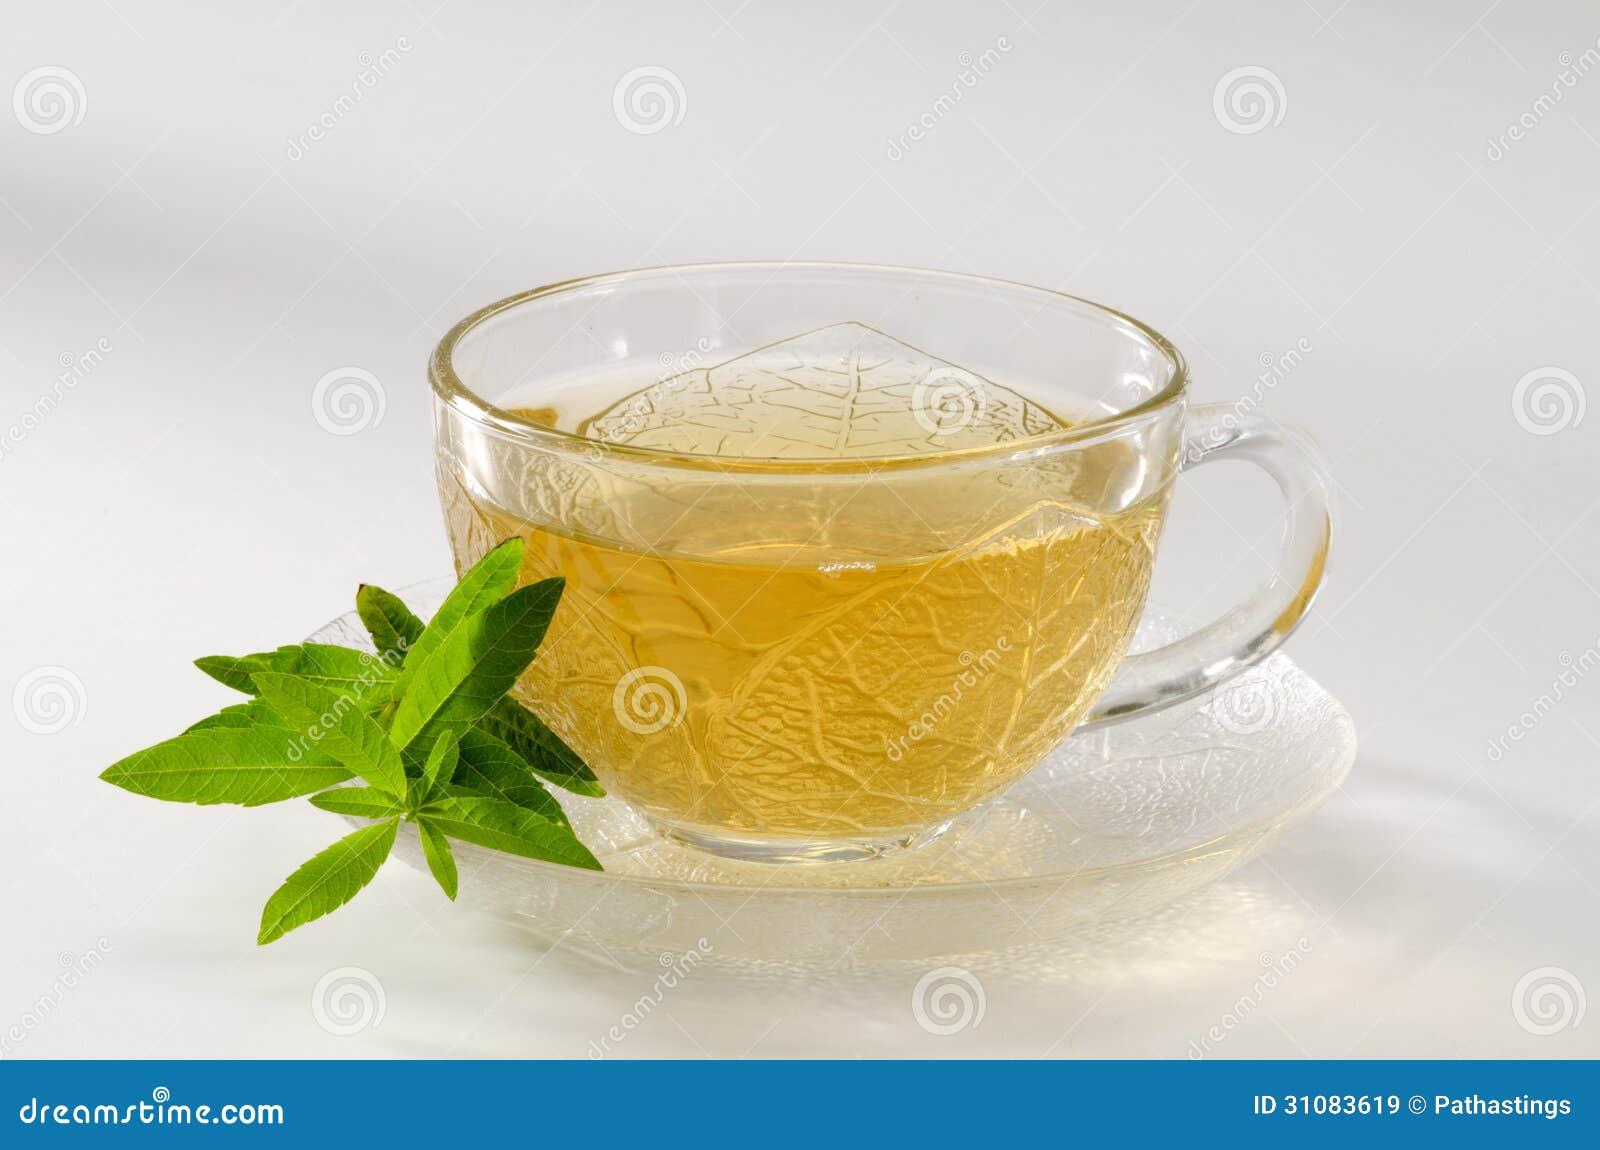 Lemon Verbena Herbal Tea Royalty Free Stock Images - Image: 31083619